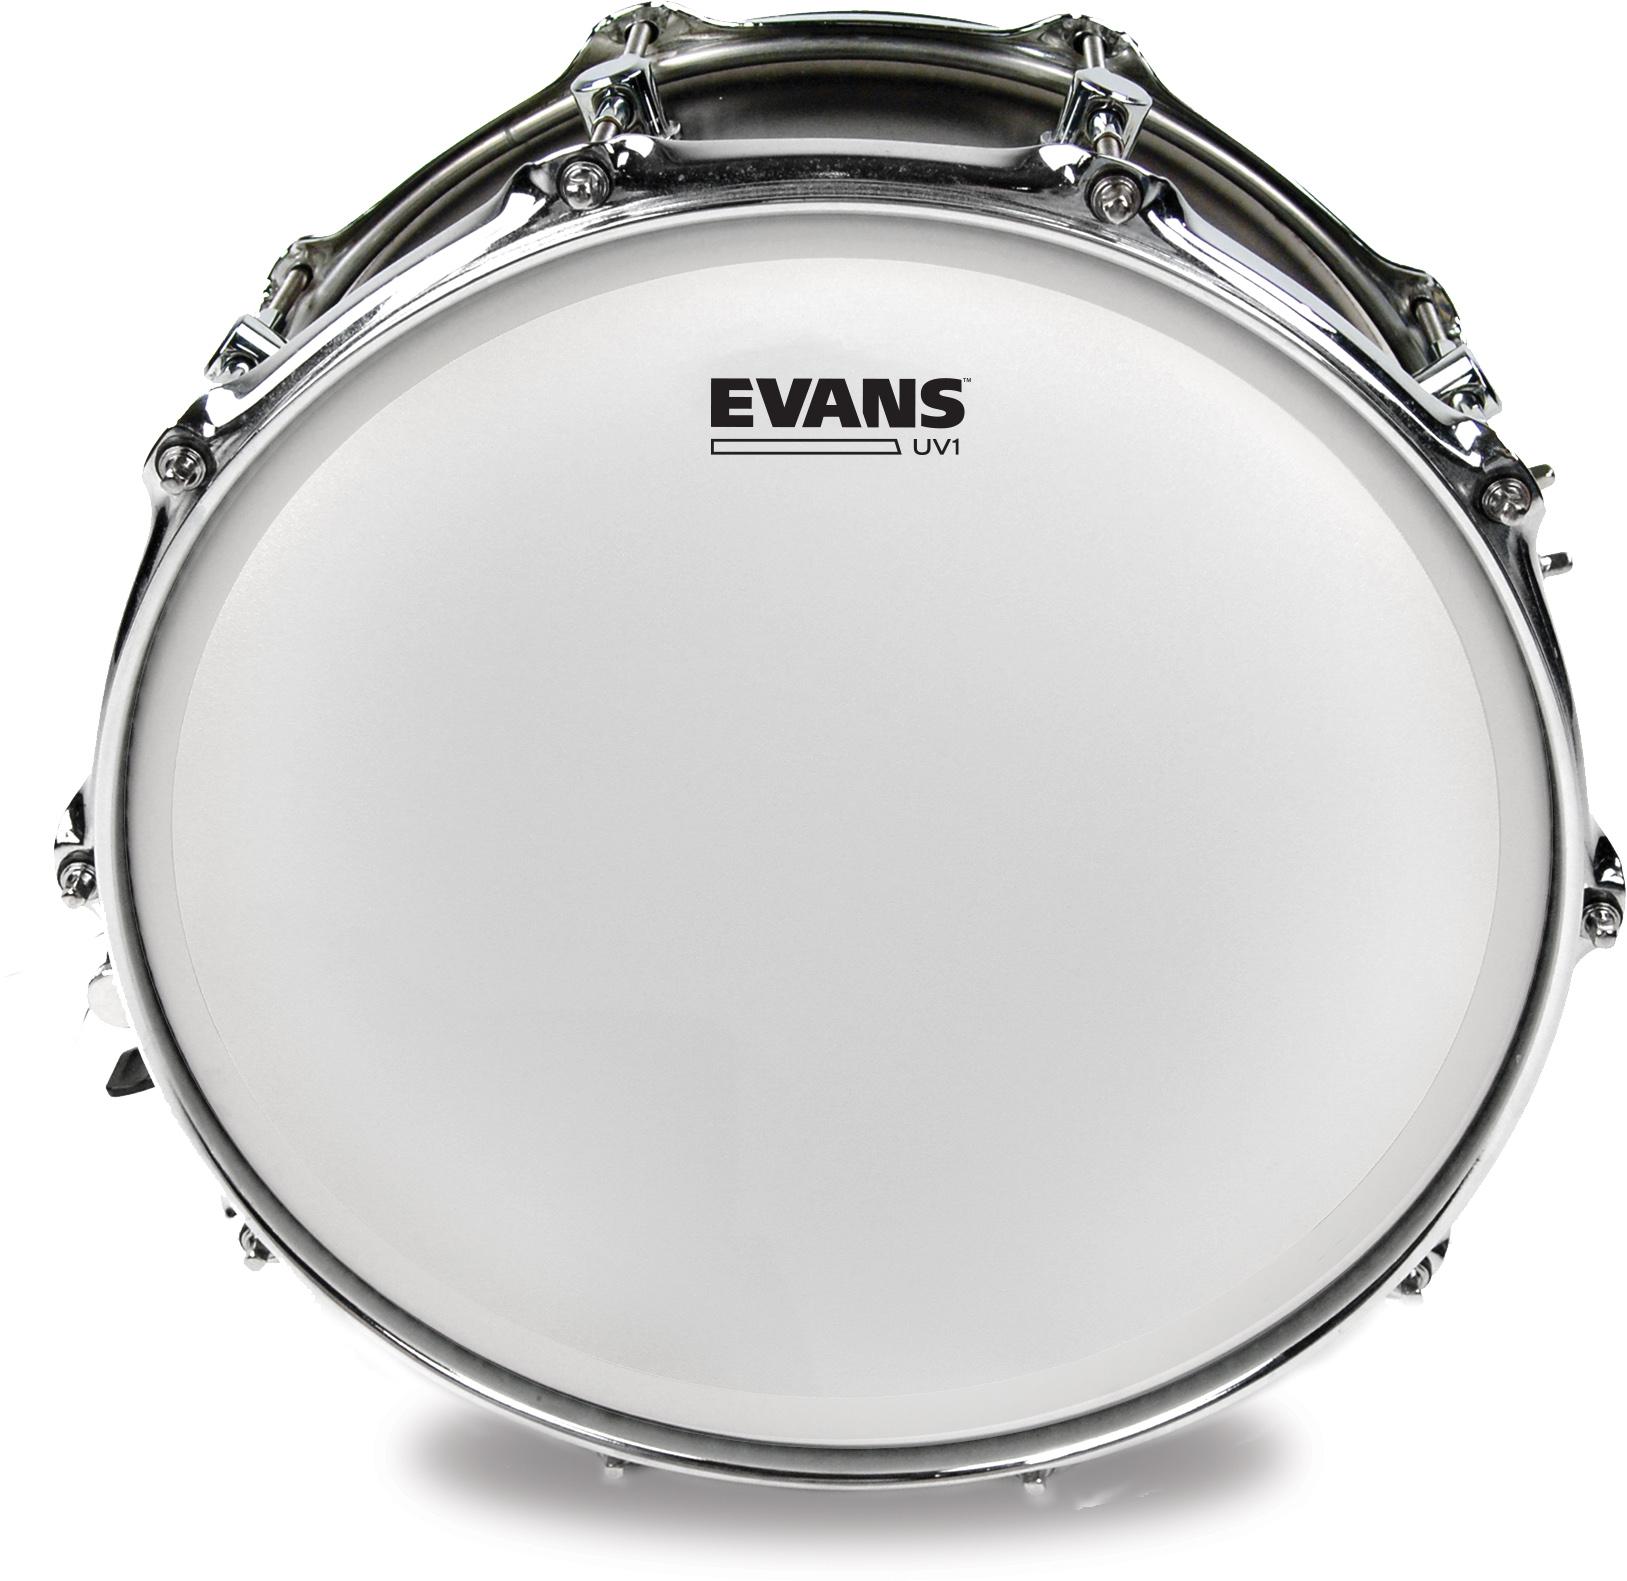 Evans Drumheads : News.